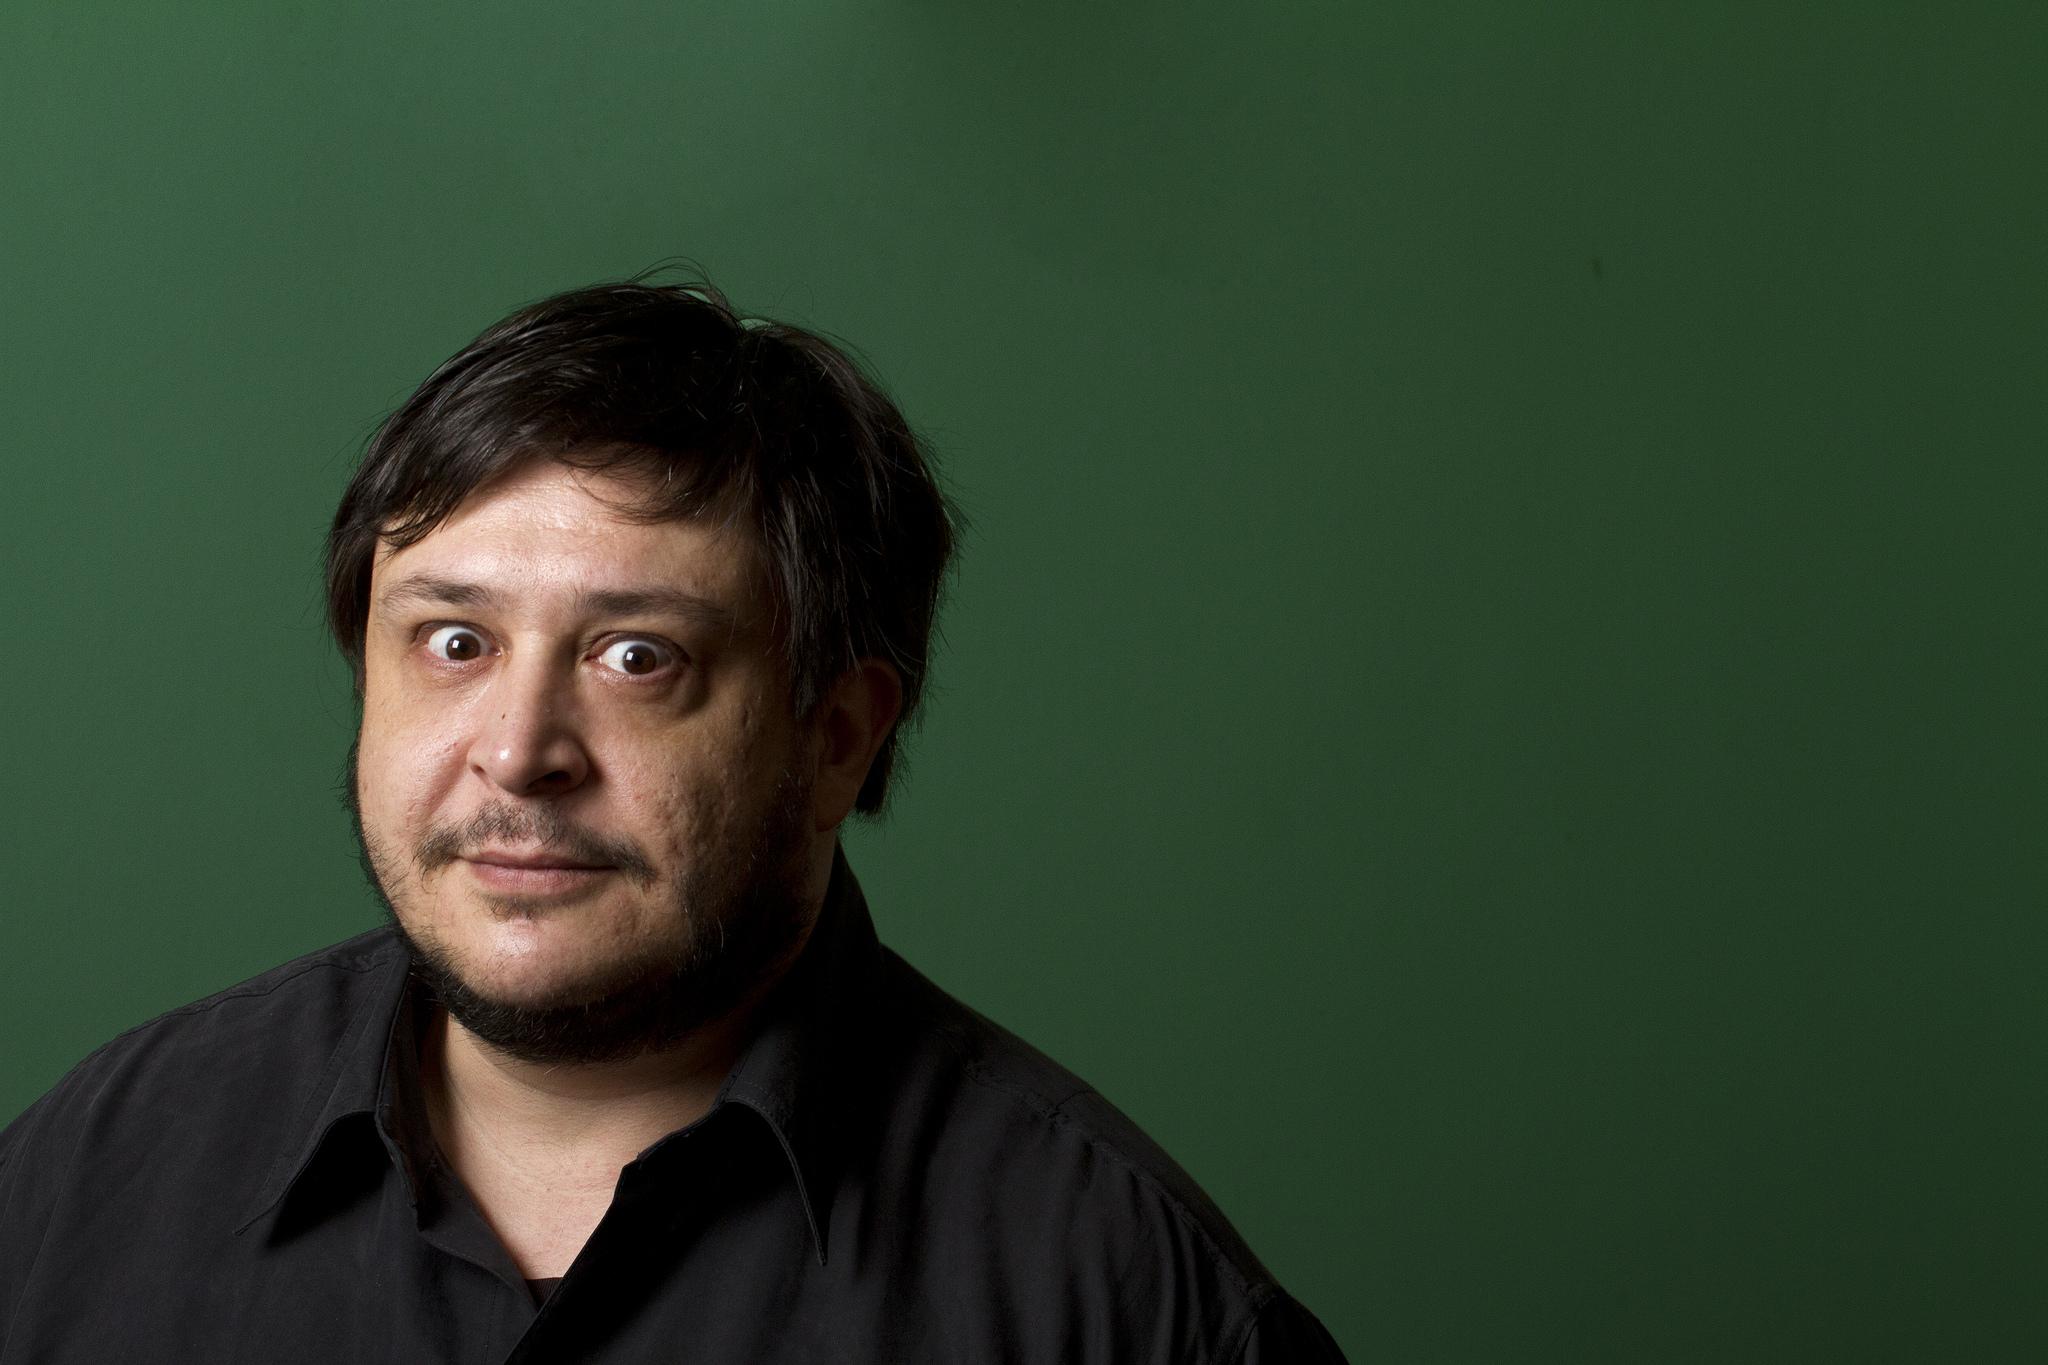 """Hernán Casciari: """"Si no pusiera mis libros online sería un hipócrita en mi discurso"""""""